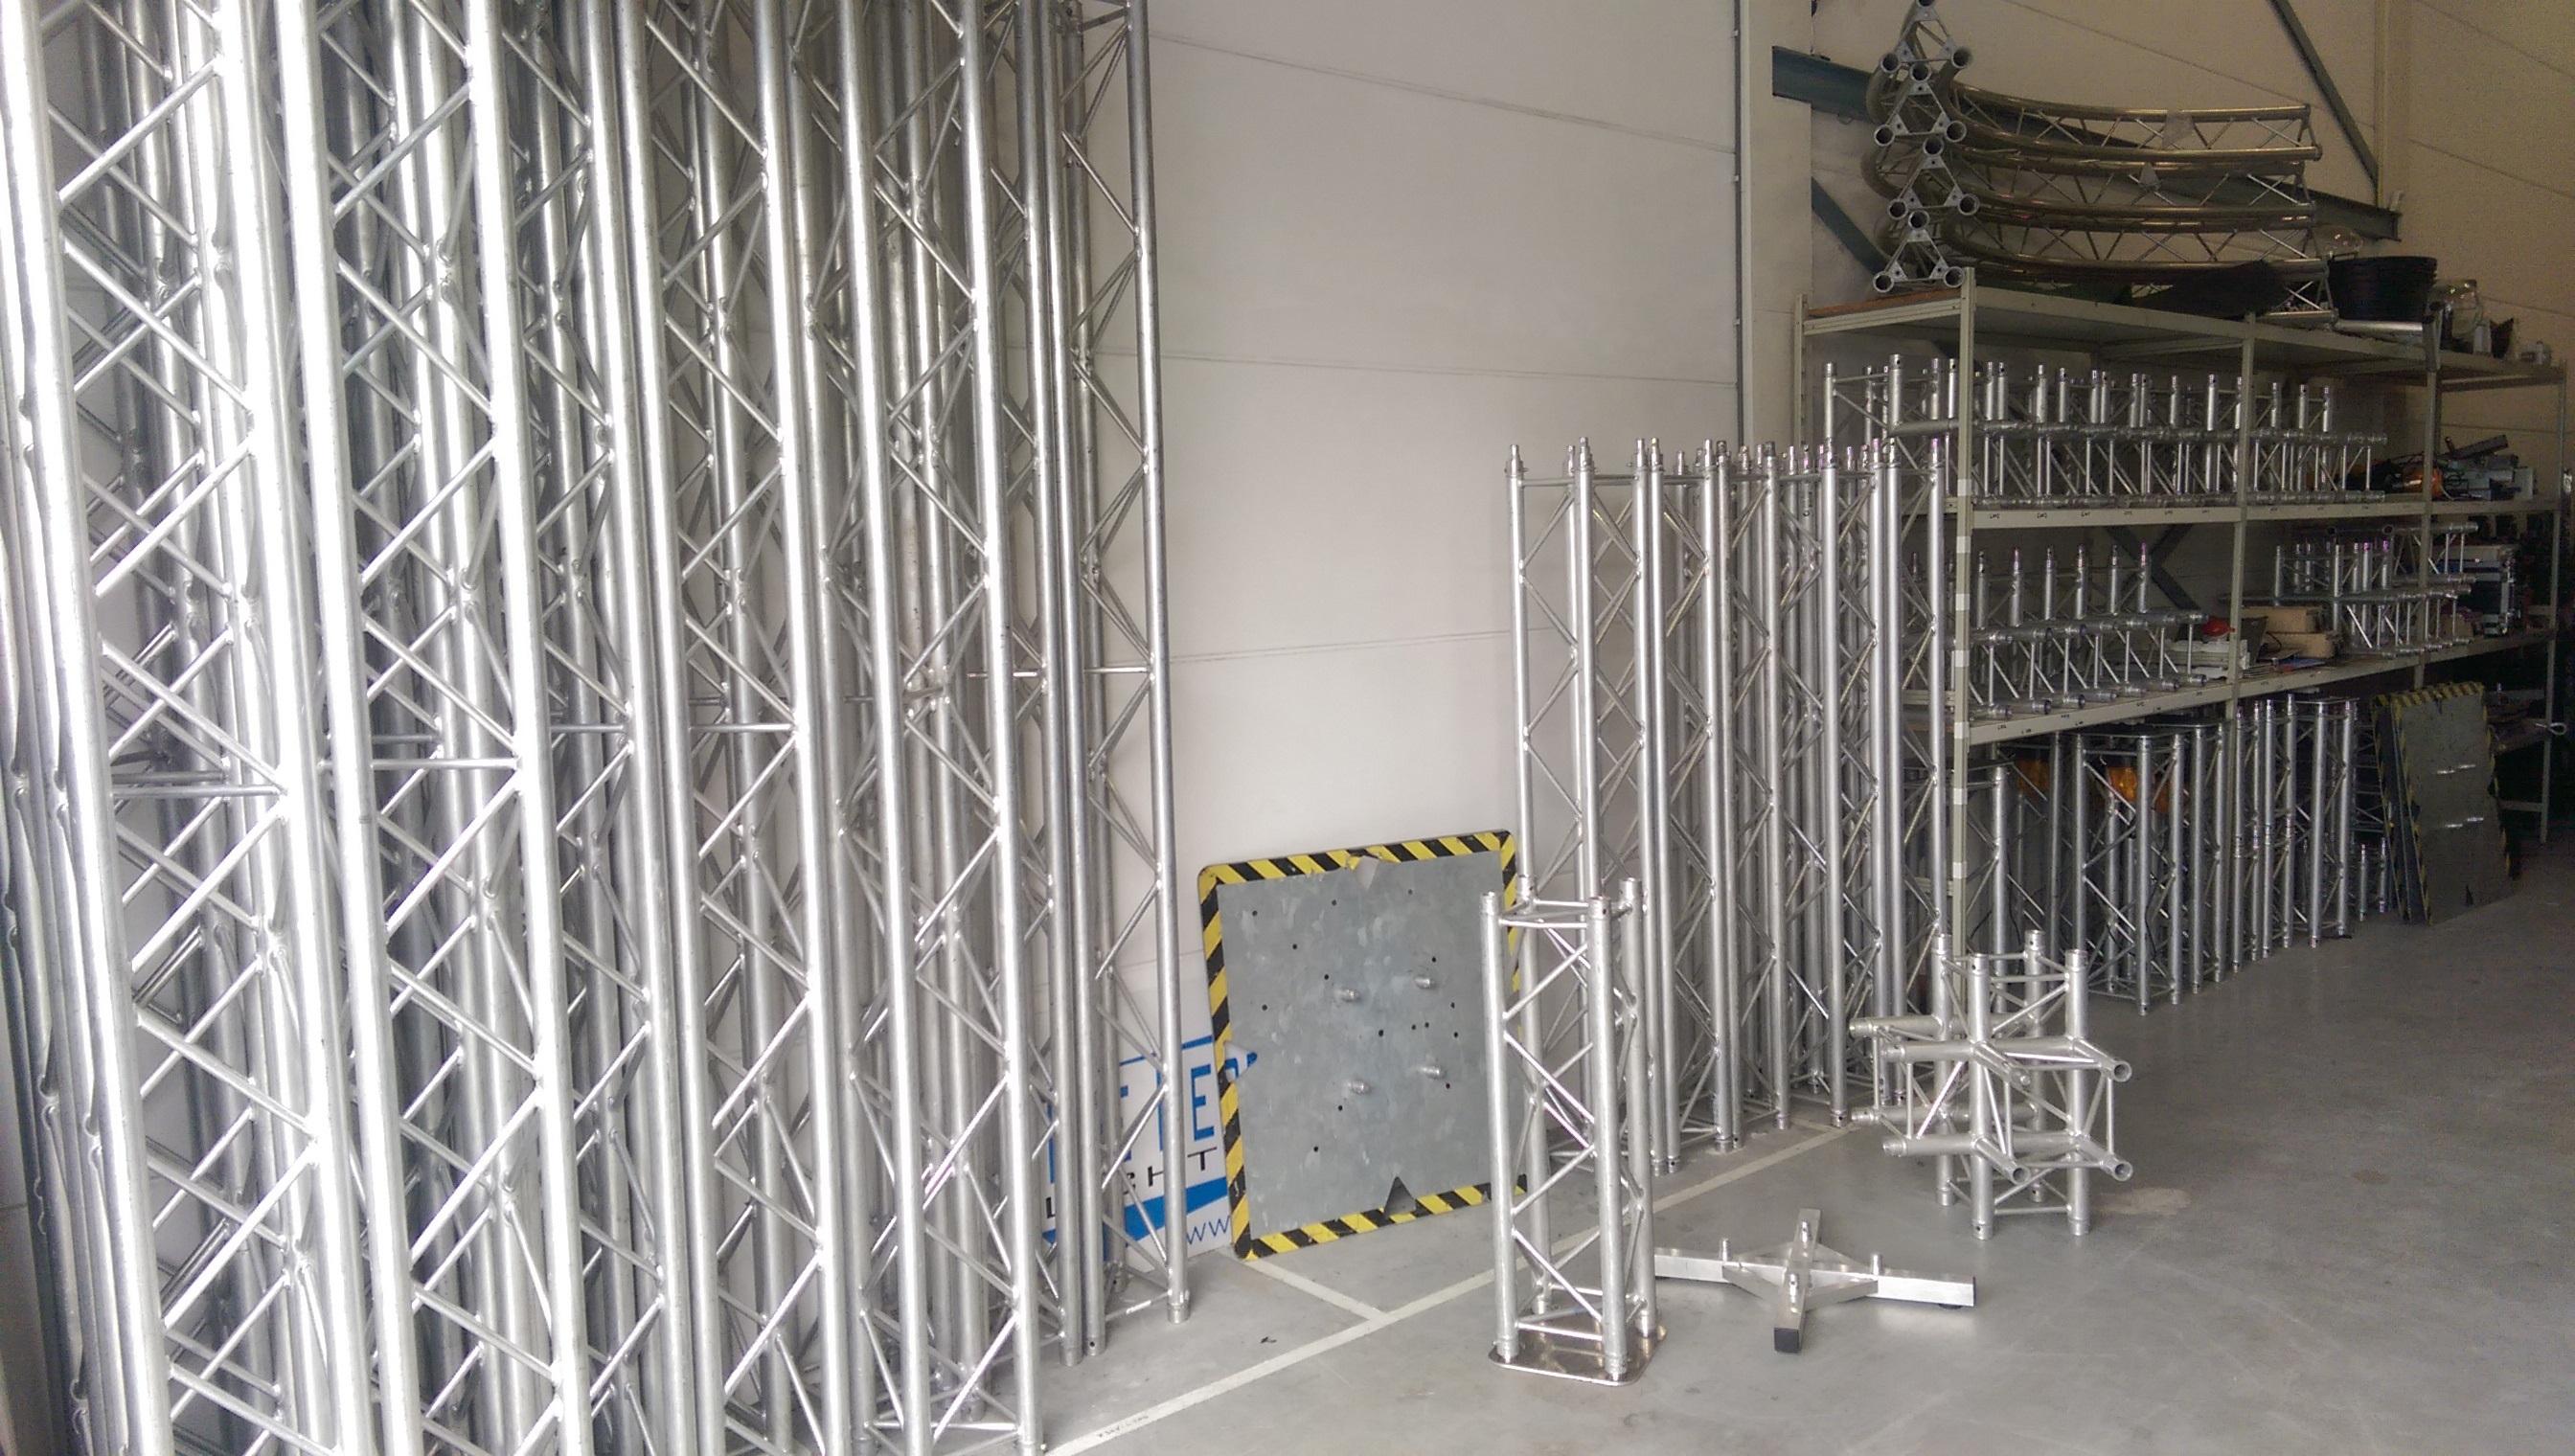 aluminium constructie welke koppelbaar is om zo een overspanning te maken voor verlichting ed behalve rechte delen zijn er ook hoeken stukken en kruizen